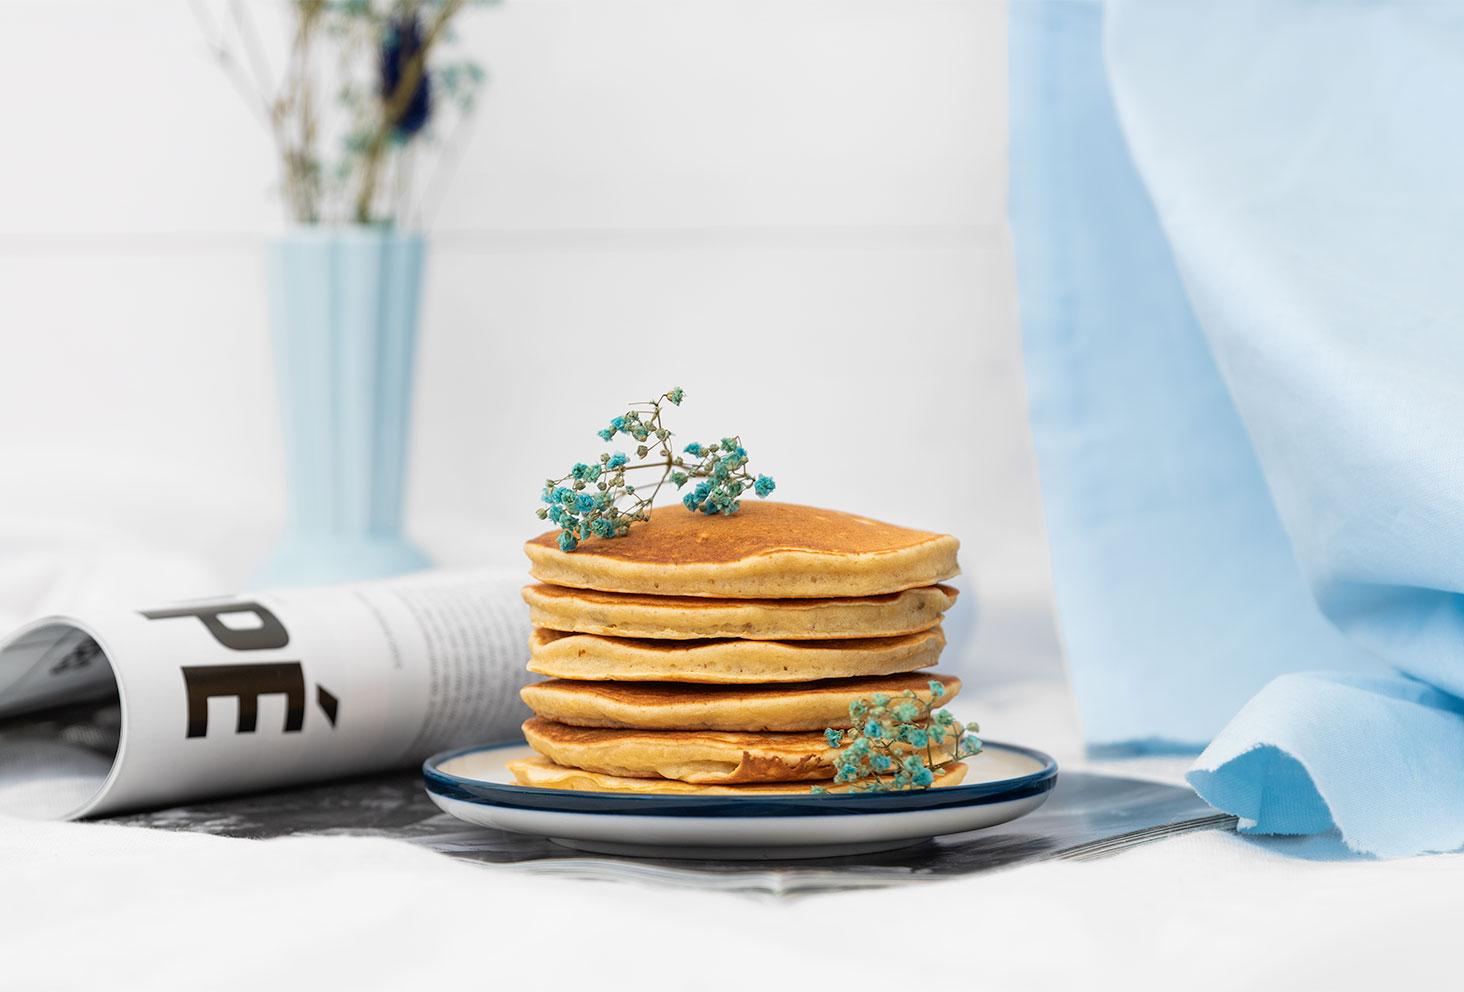 Pancakes moelleux à la banane dans une assiette, au milieu d'un décor bleu